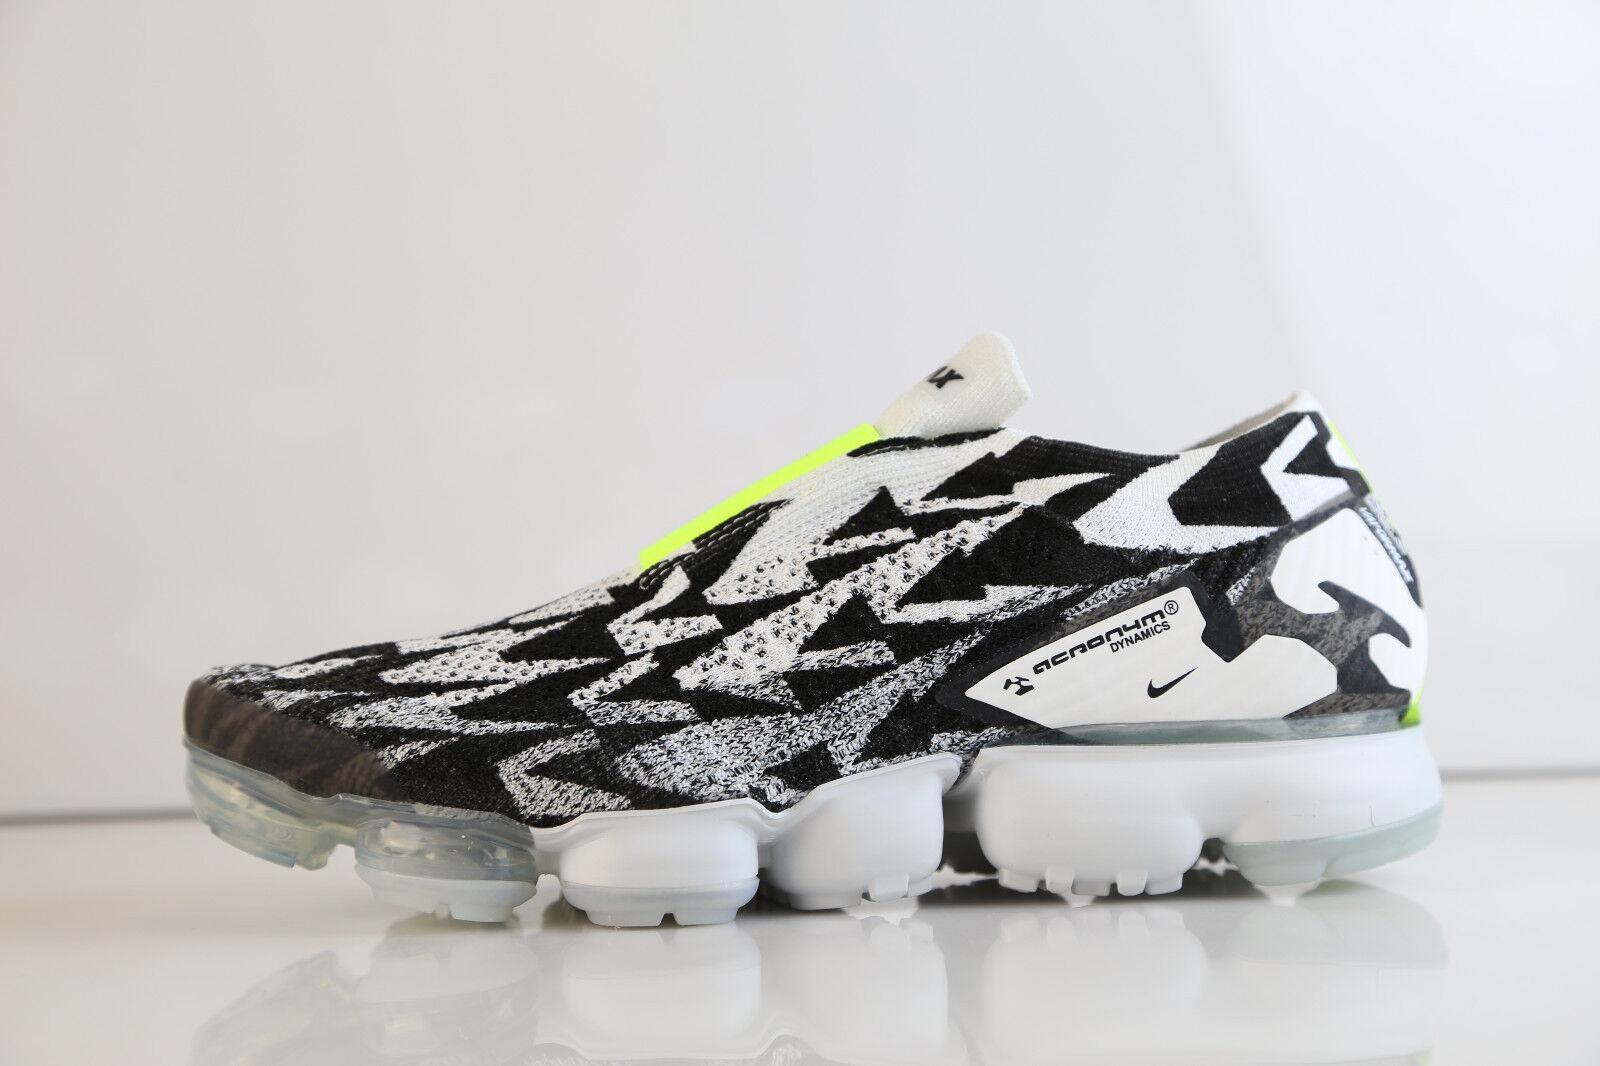 Nike Lab Air VaporMax Moc 2 Acronym Black Light Bone AQ0996-001 7.5-13 vapor max